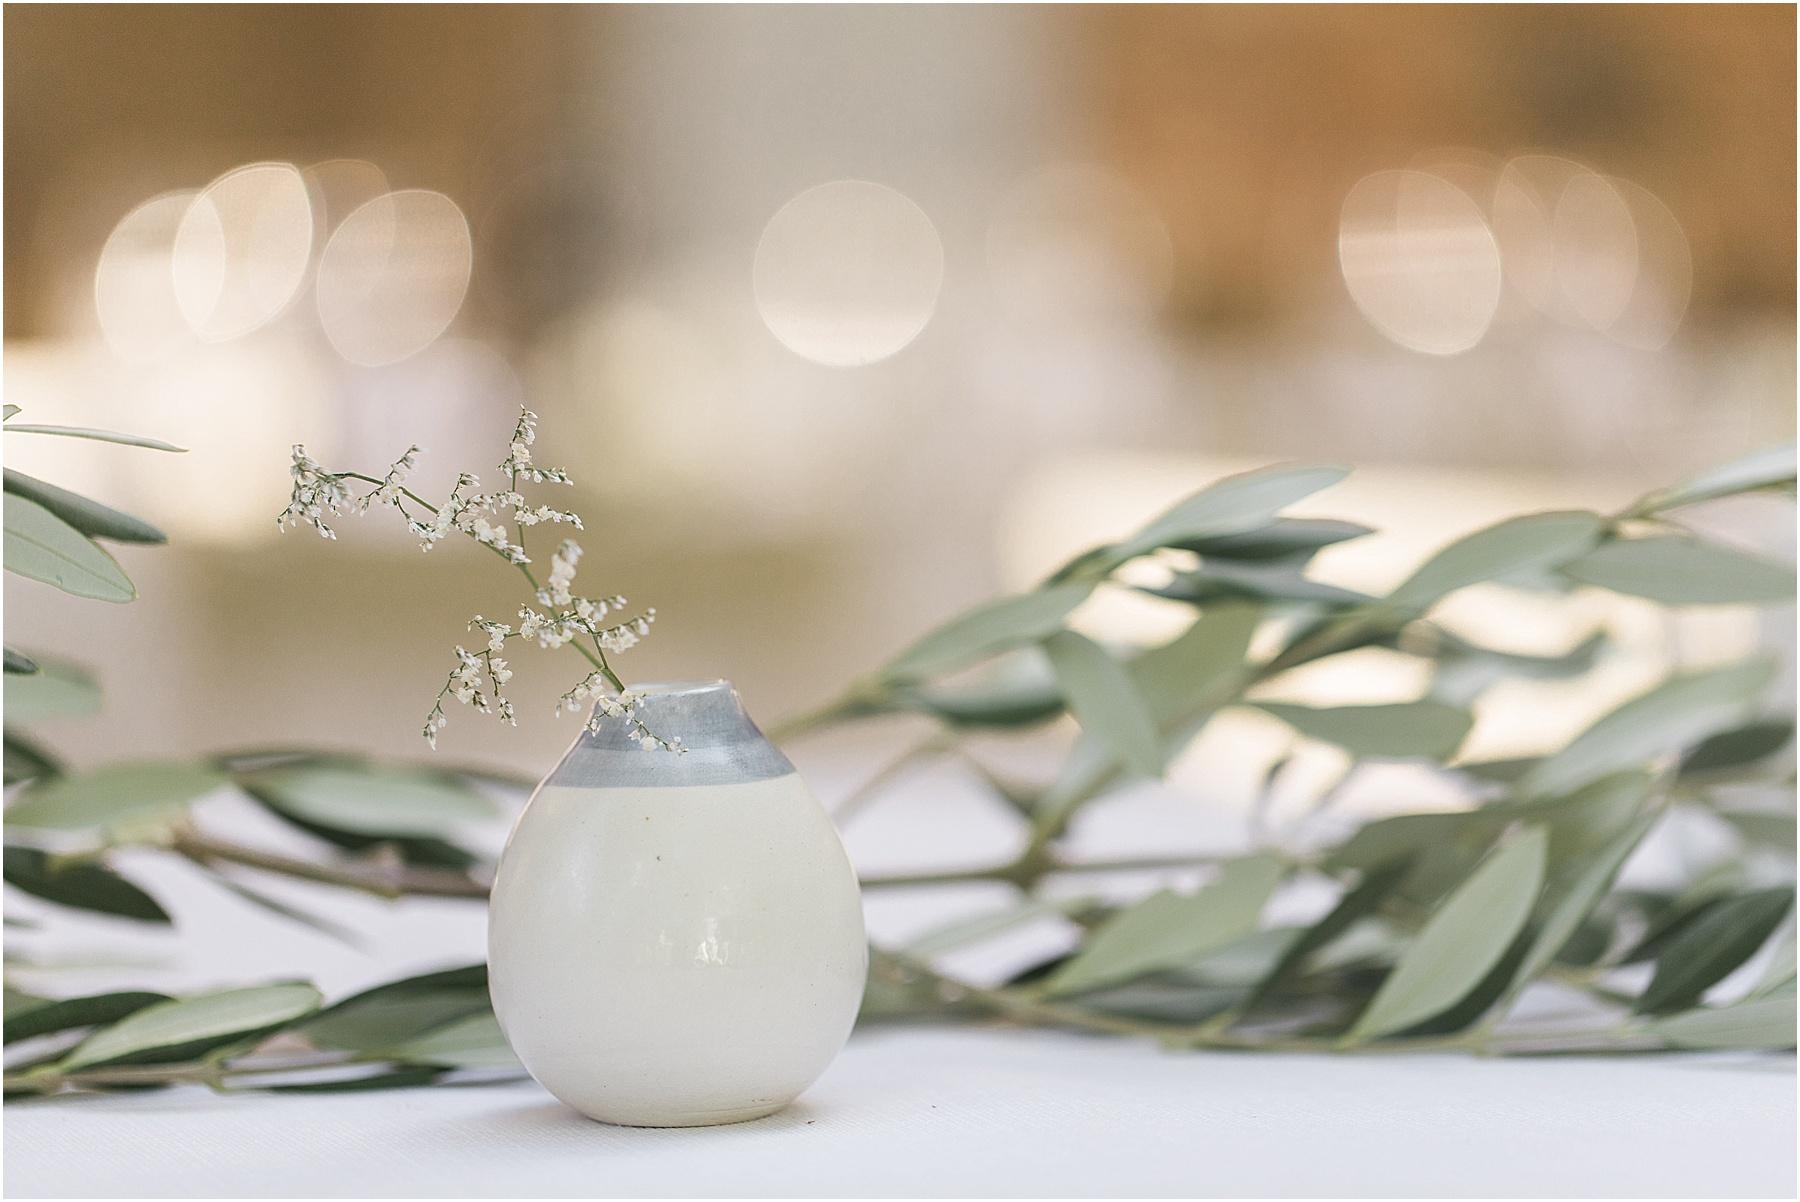 decor and beautiful bomboniere wedding favors ceramiche pottery at Osteria Borgo Syrah in Cortona Italy